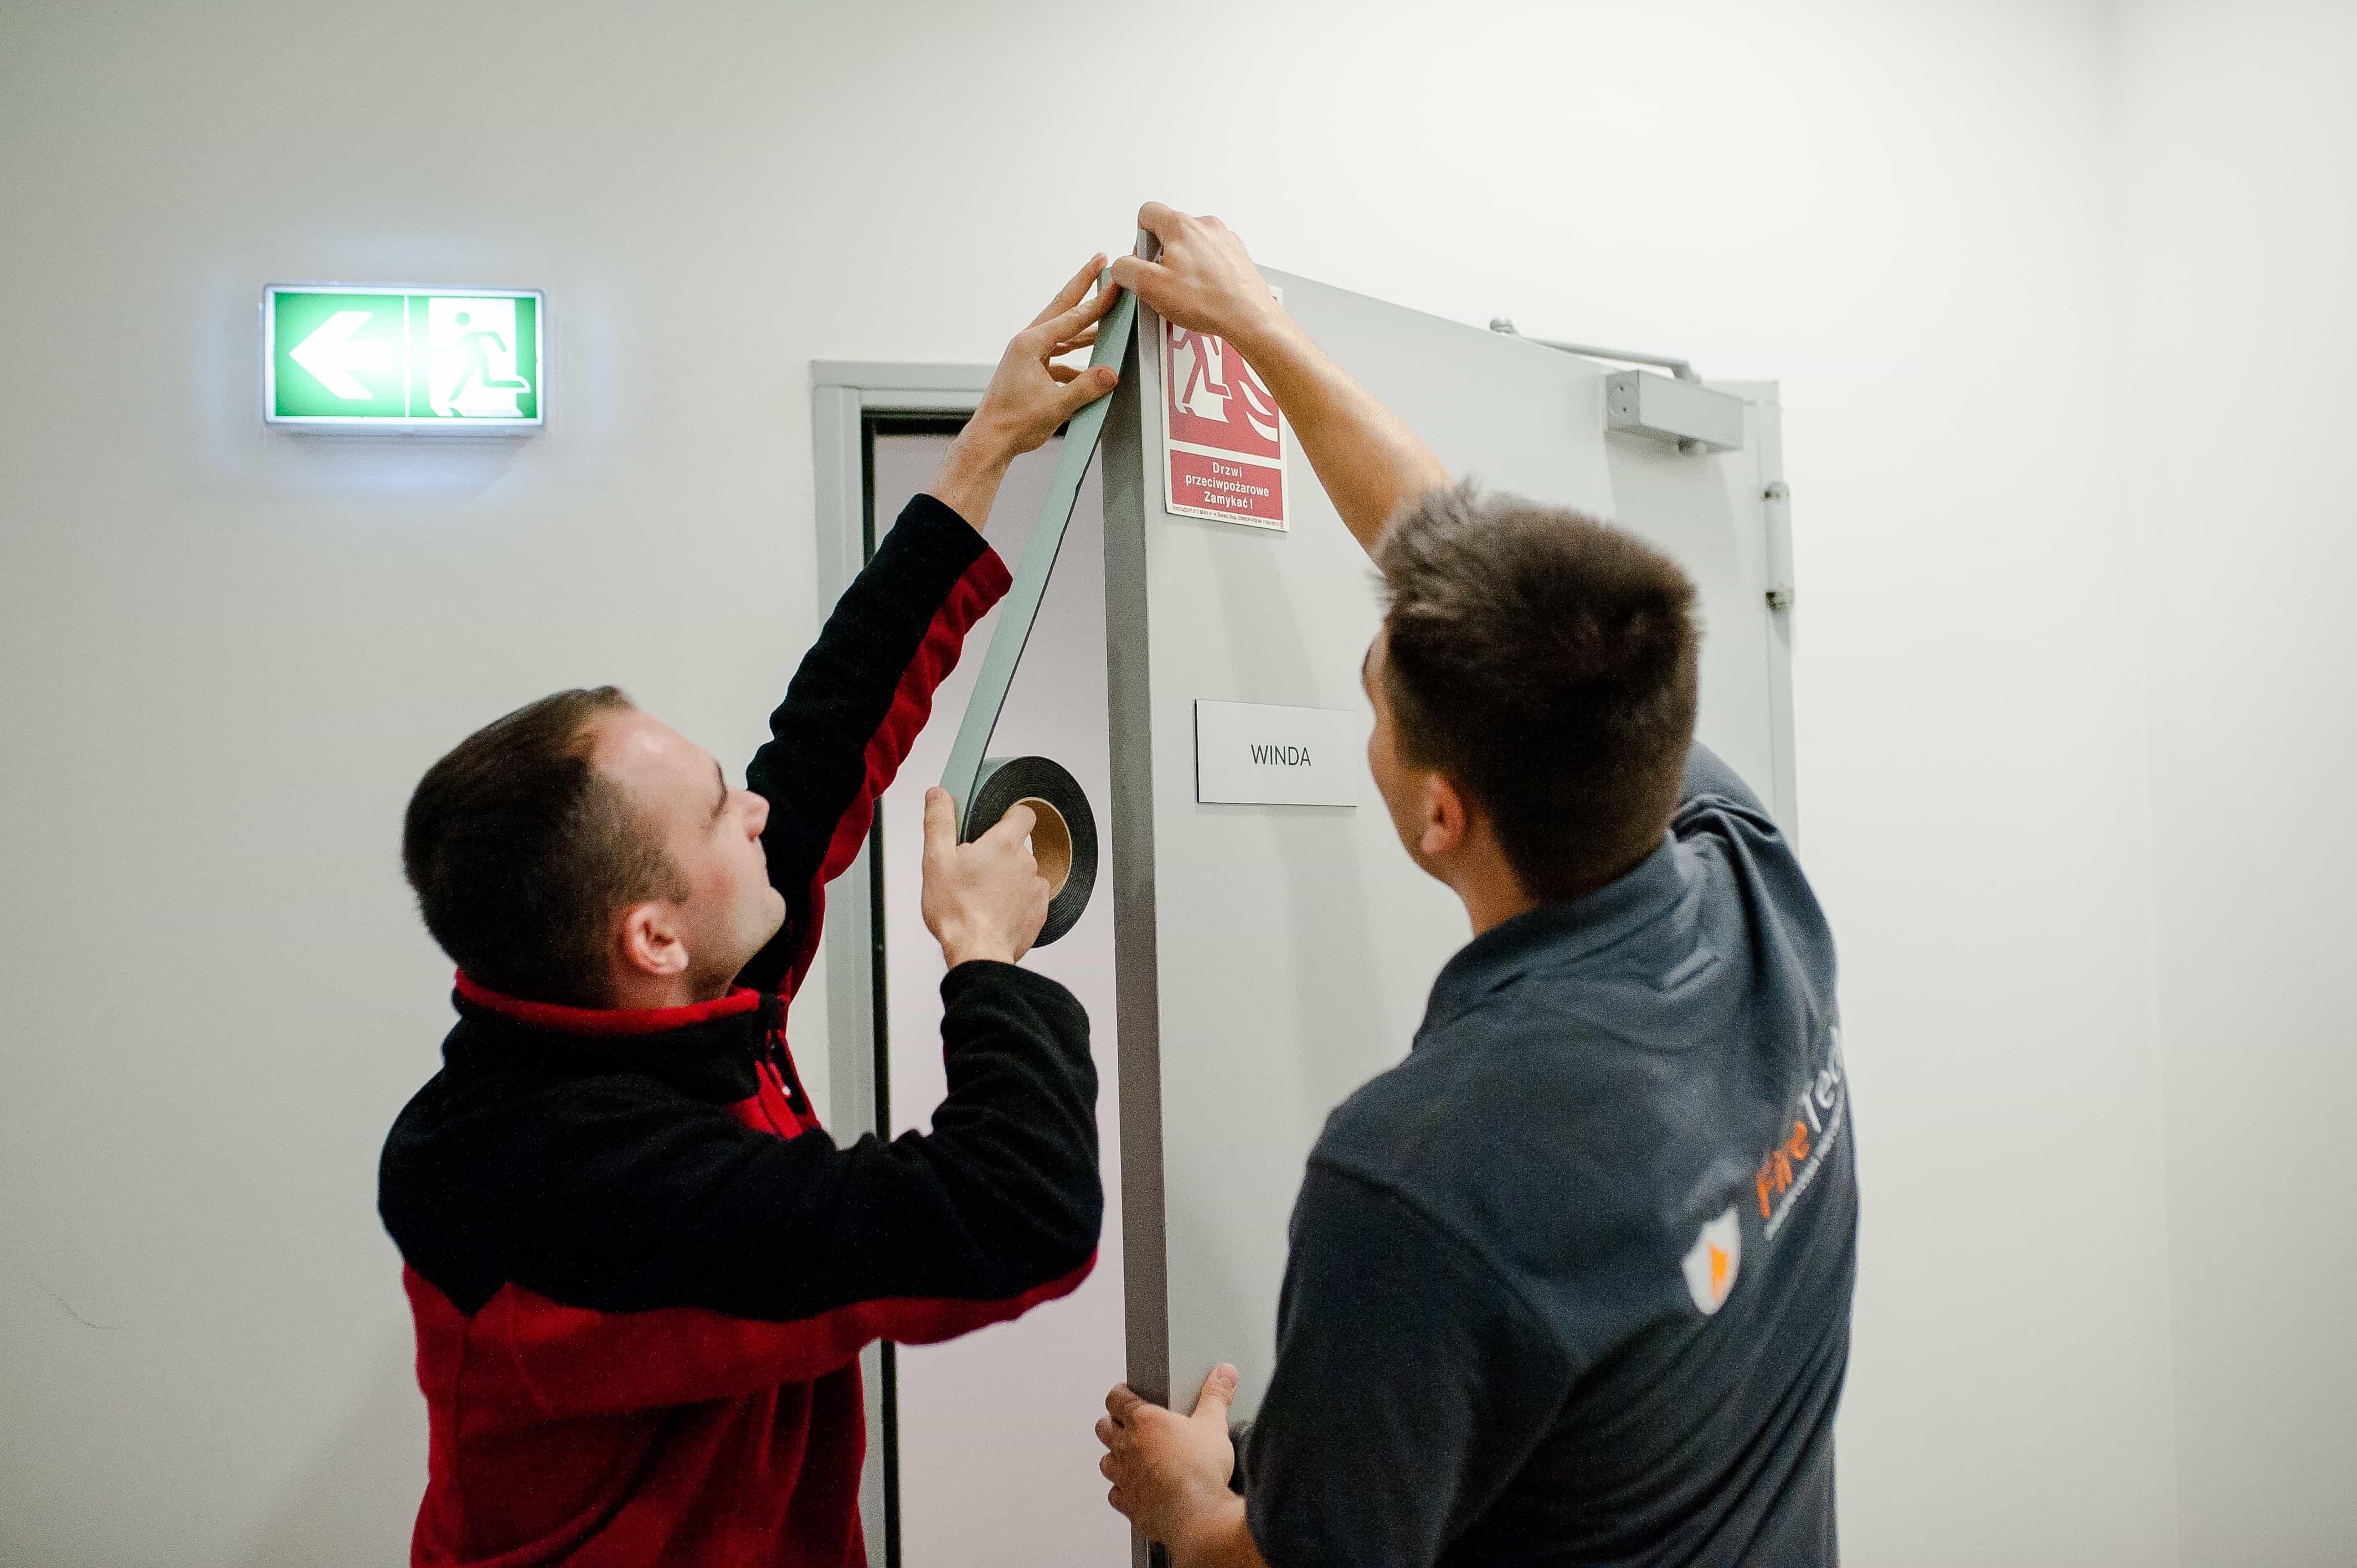 Serwisanci przy pracy - drzwi przeciwpożarowe